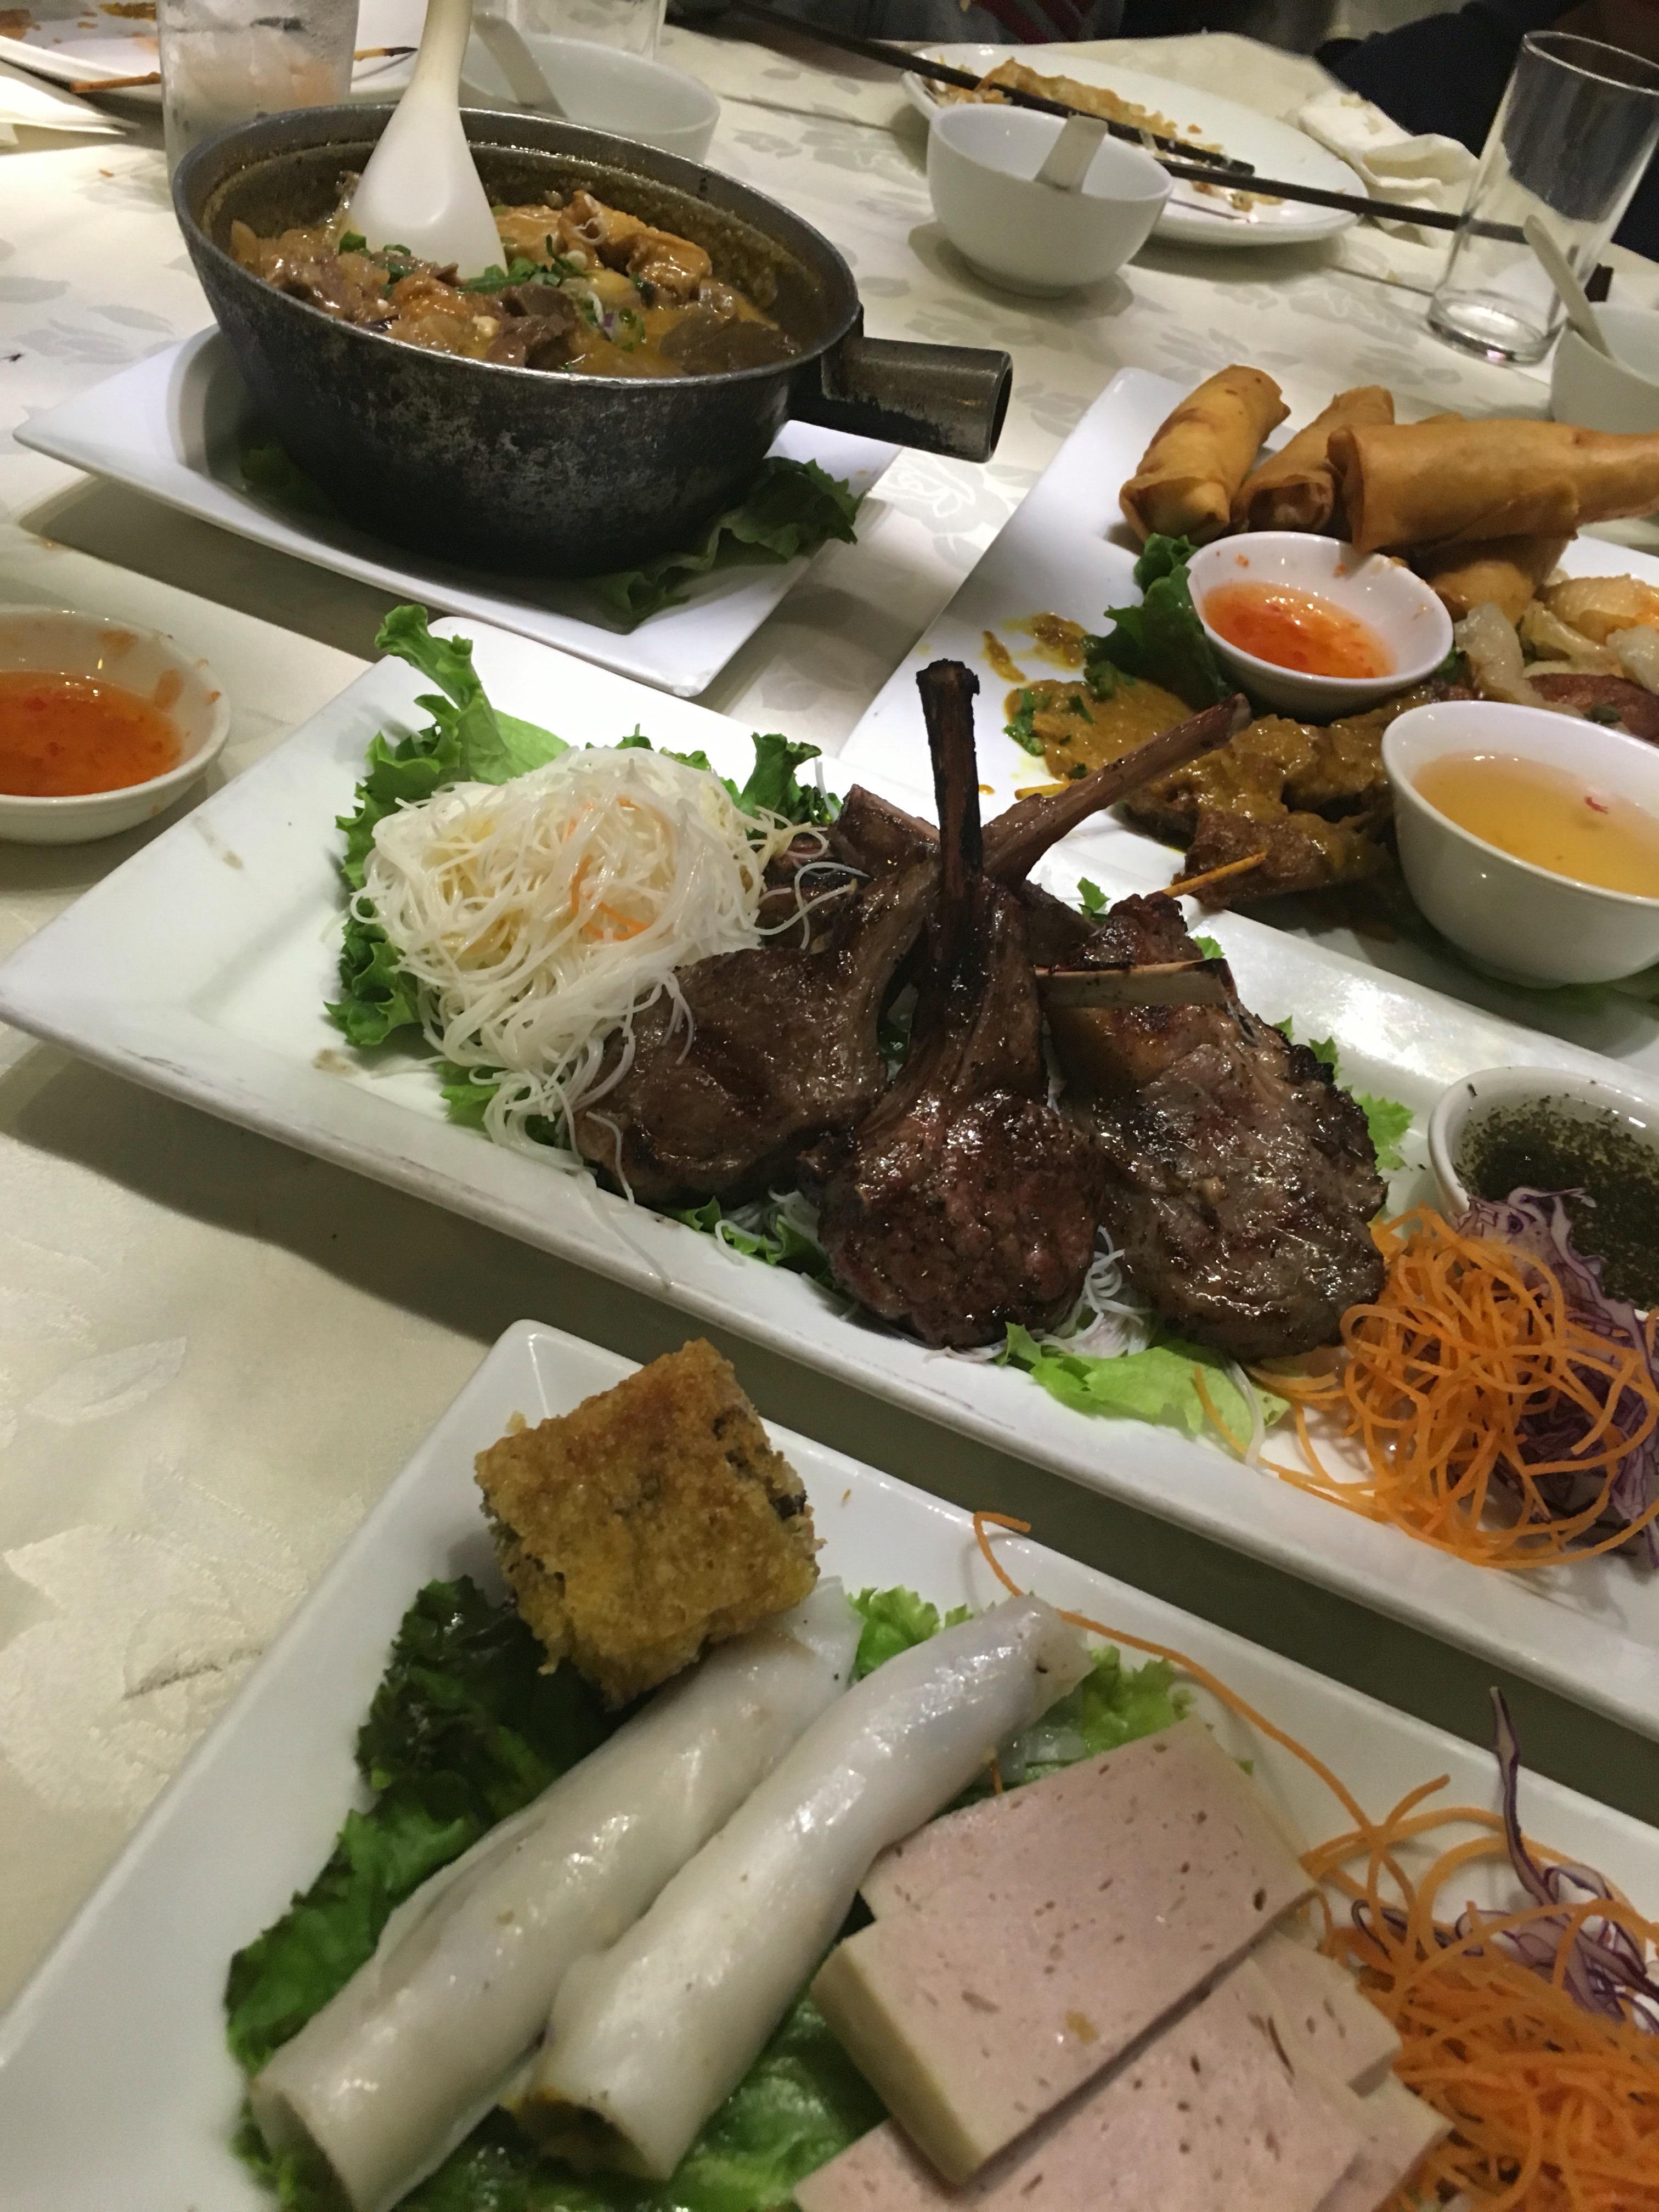 Lemongrass Lamb Chops, Appetizer Platters, Beef Brisket CurryLemongrass Lamb Chops, Appetizer Platters, Beef Brisket Curry